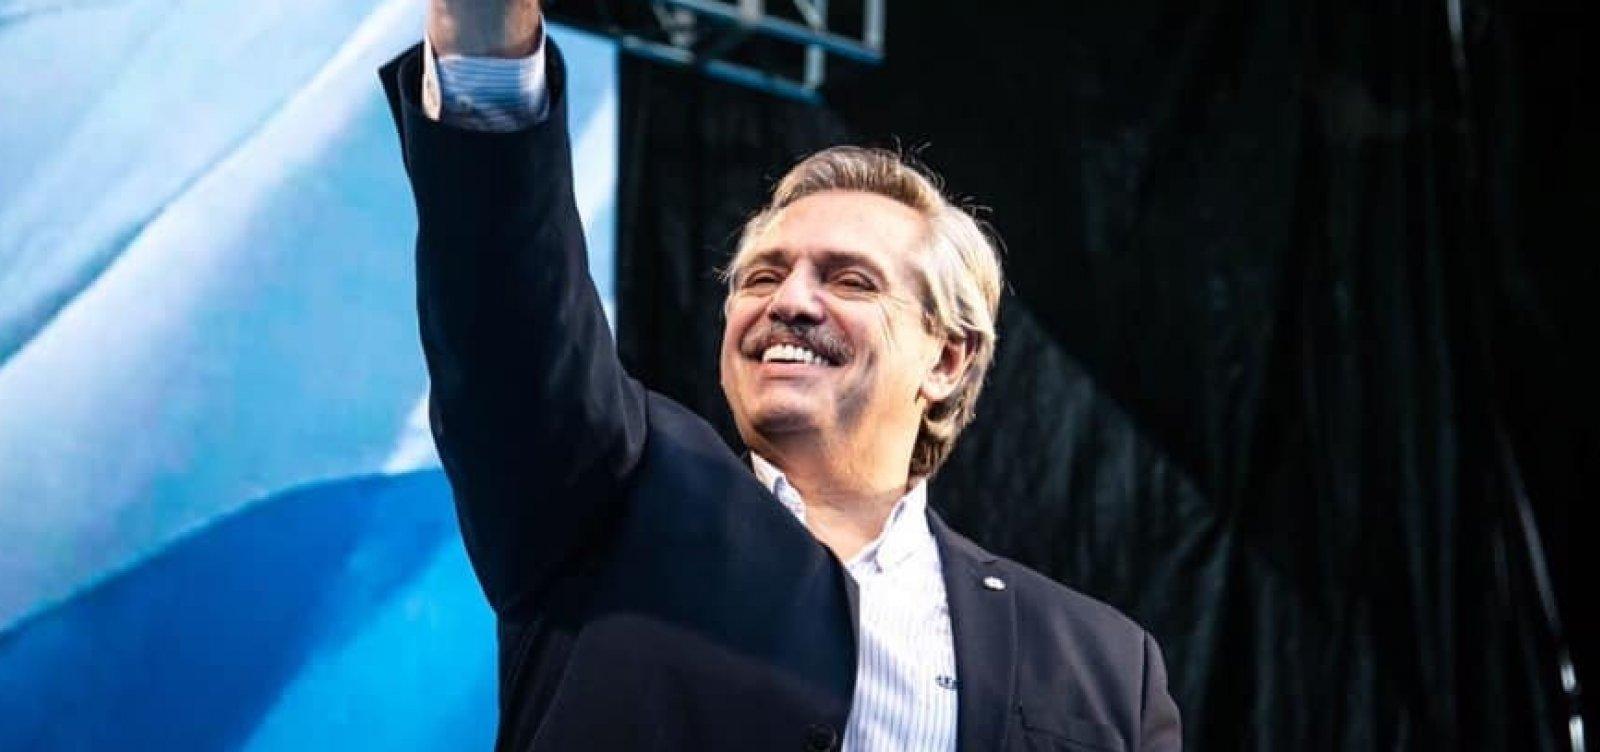 Após Bolsonaro rejeitar, Mourão irá à posse de Fernández na Argentina